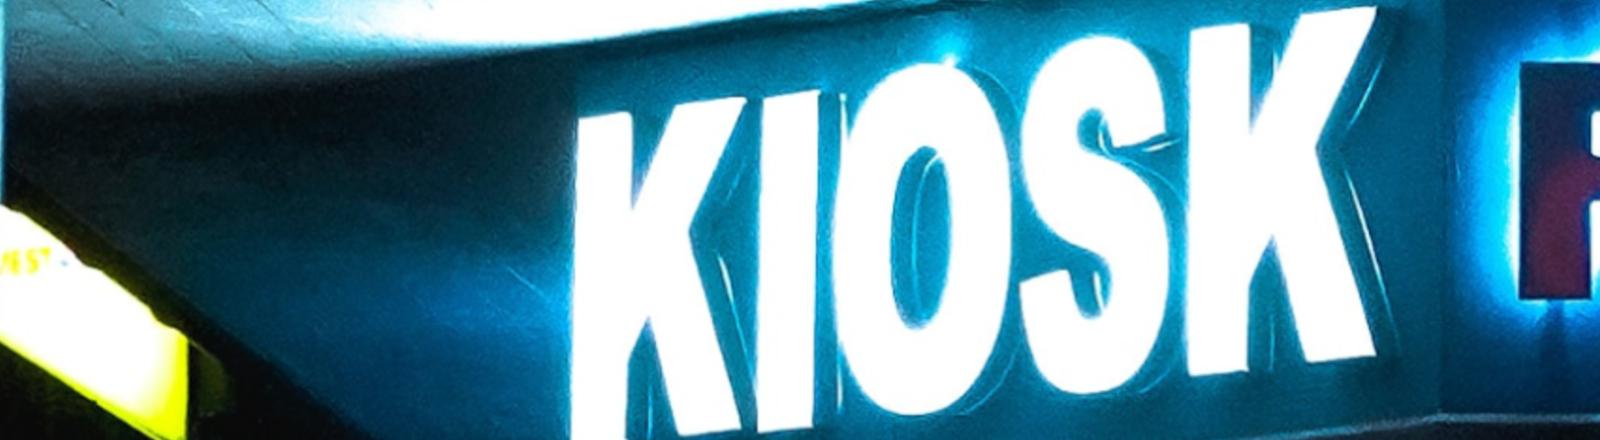 Ein leuchtendes Kiosk-Schild.